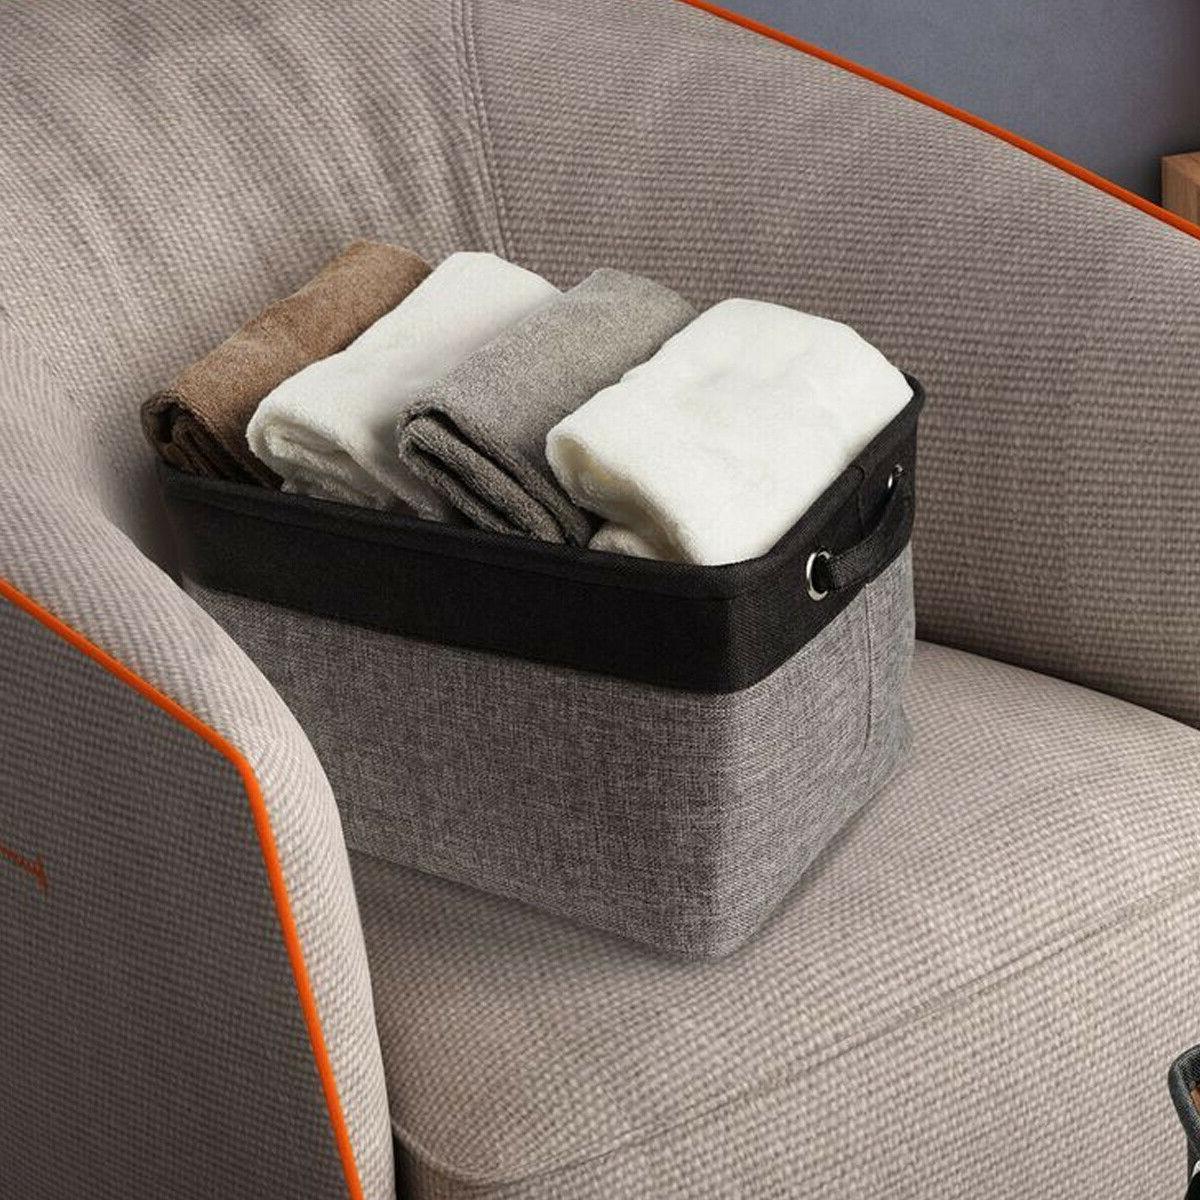 Foldable Washing Clothes Laundry Basket Toys Bag Organizer